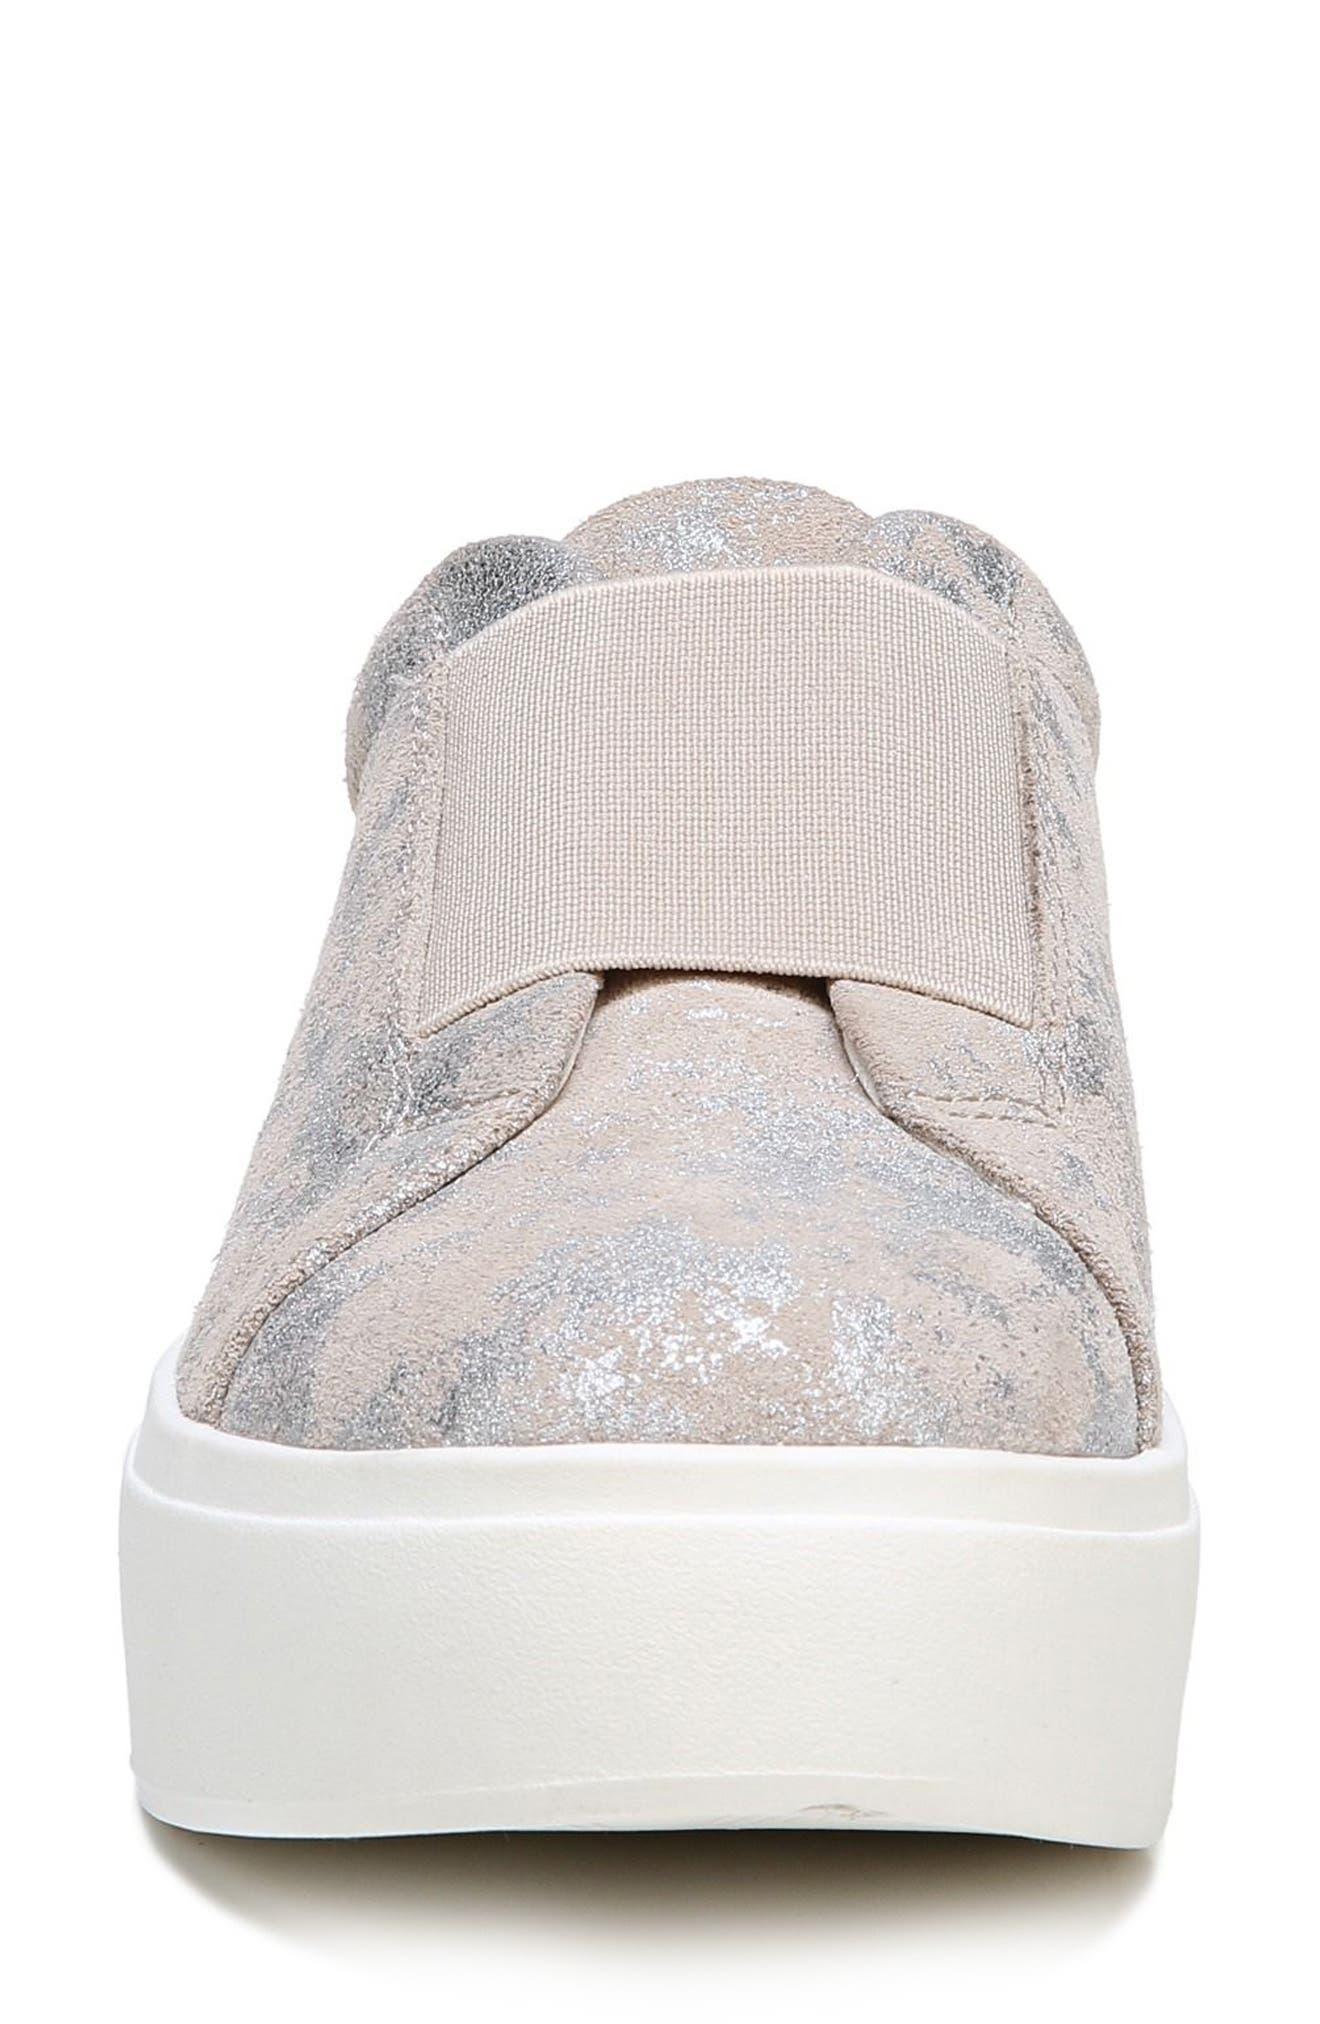 Abbot Slip-On Sneaker,                             Alternate thumbnail 4, color,